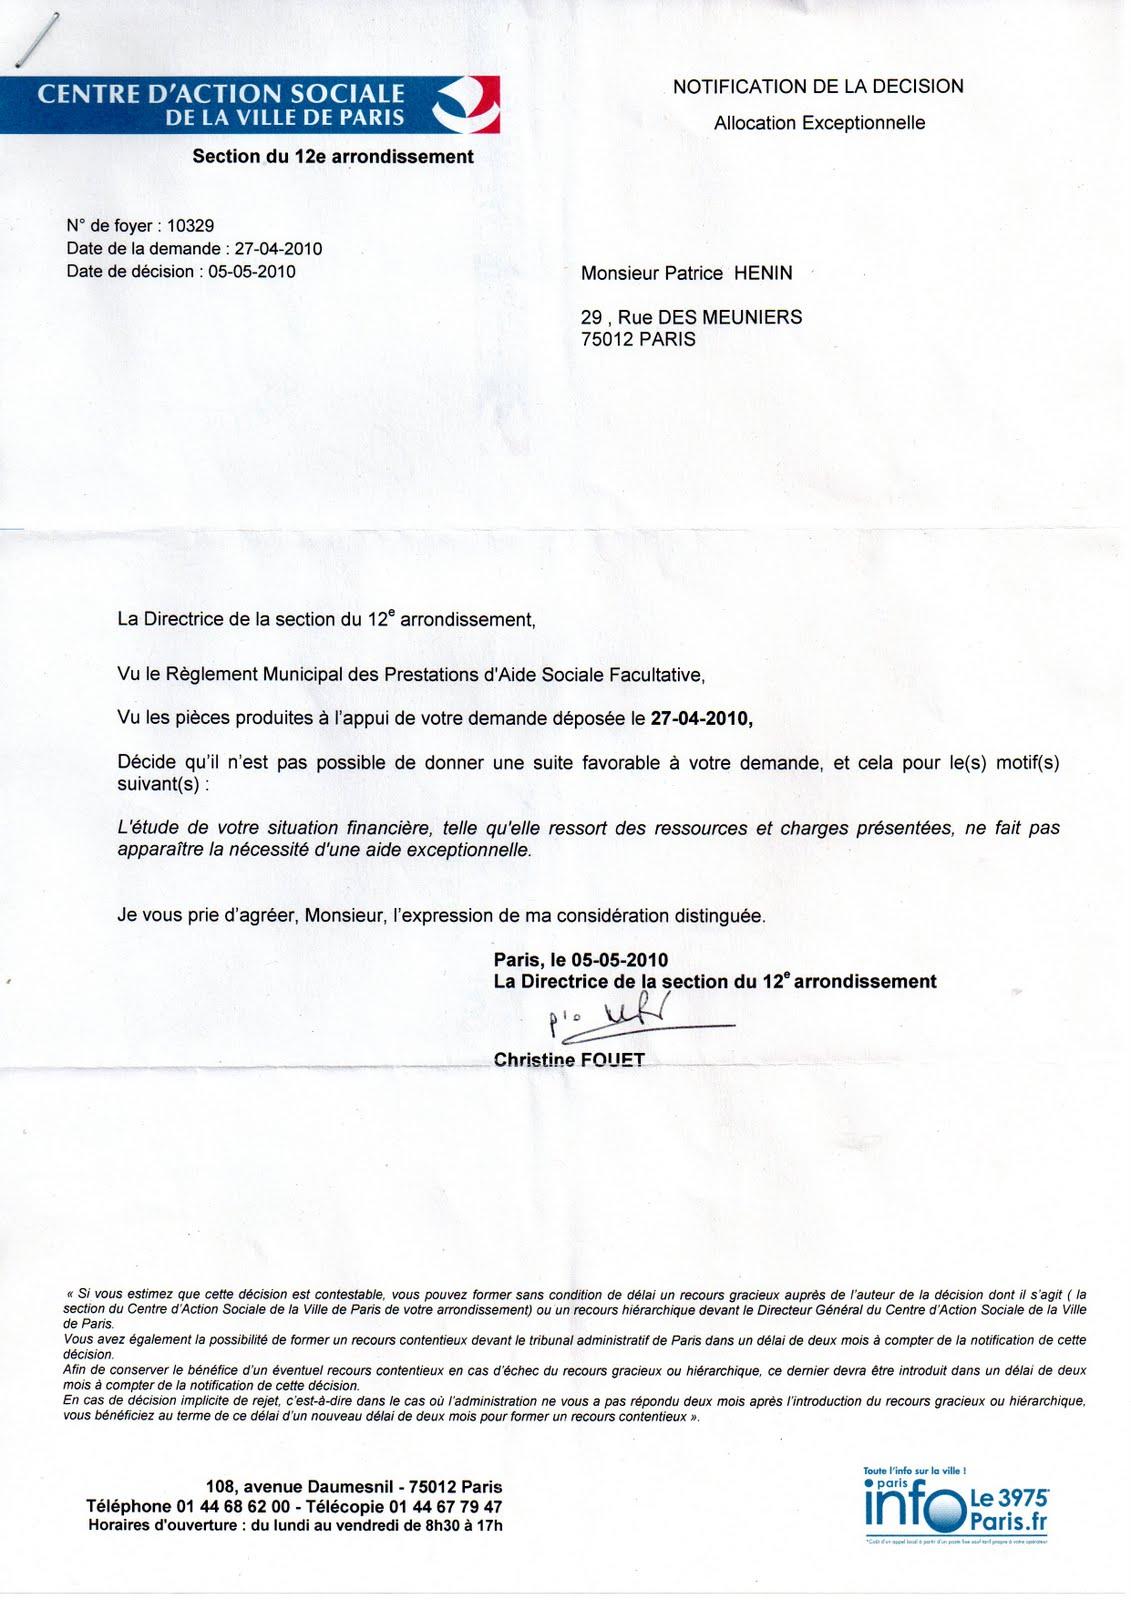 005 Mediatrices Mediateurs Medias Chargez 2 A L Abri Caf